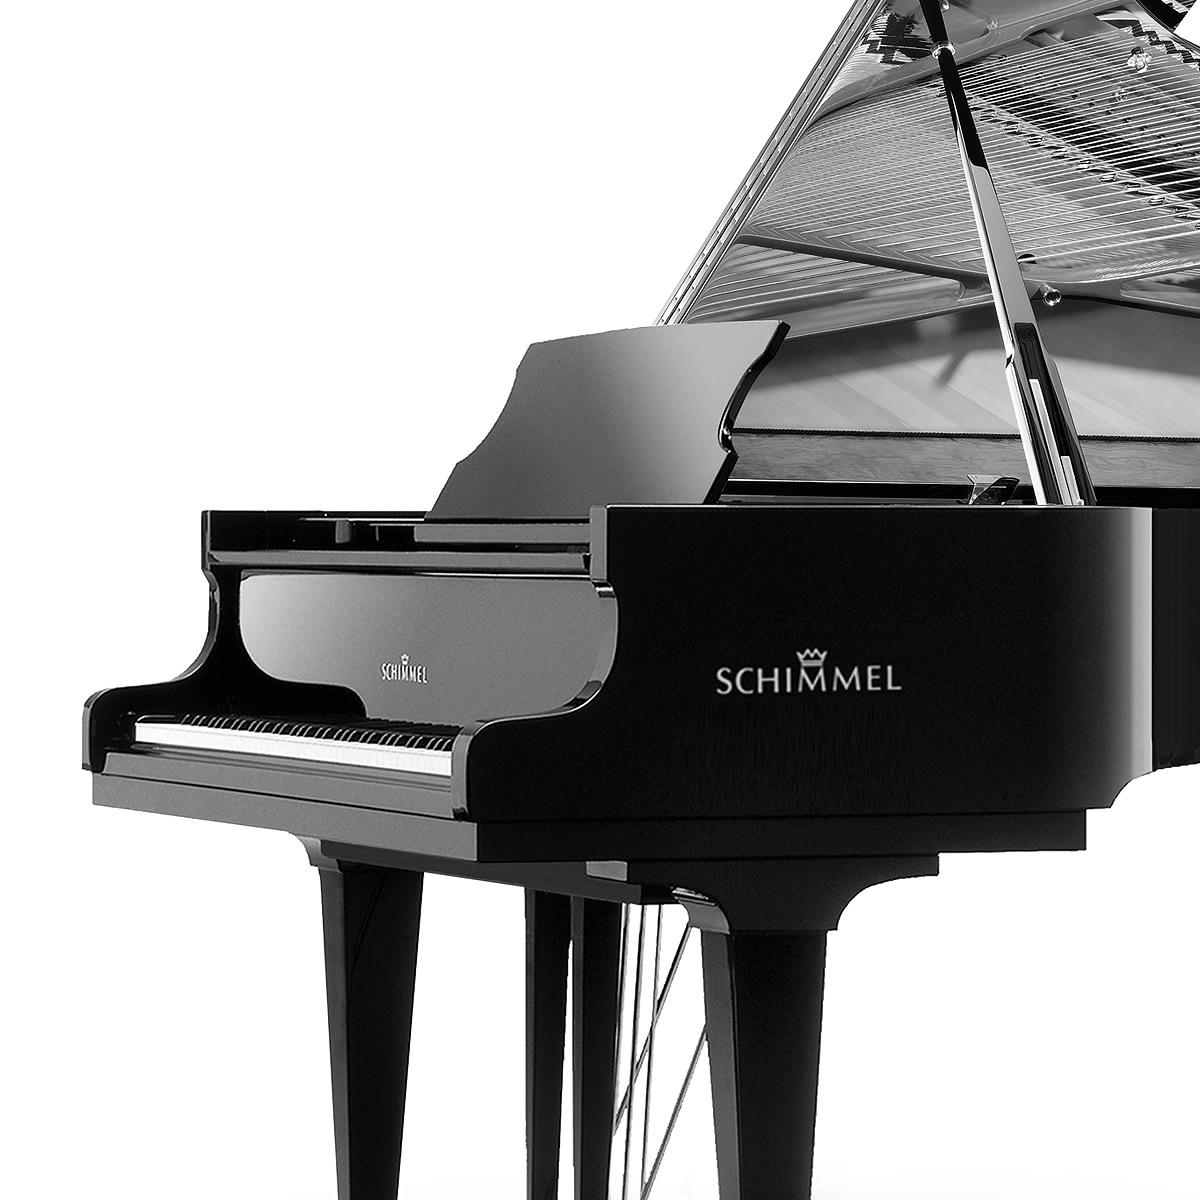 Schimmel acoustic pianos.